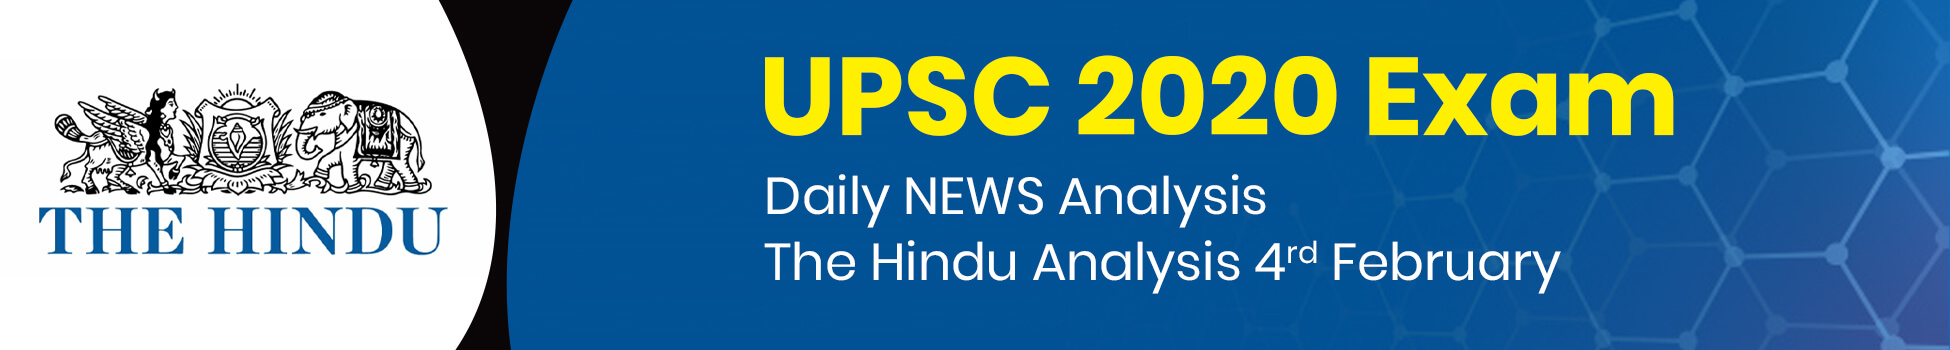 Daily NEWS Analysis | The Hindu Analysis 4th February | UPSC 2020